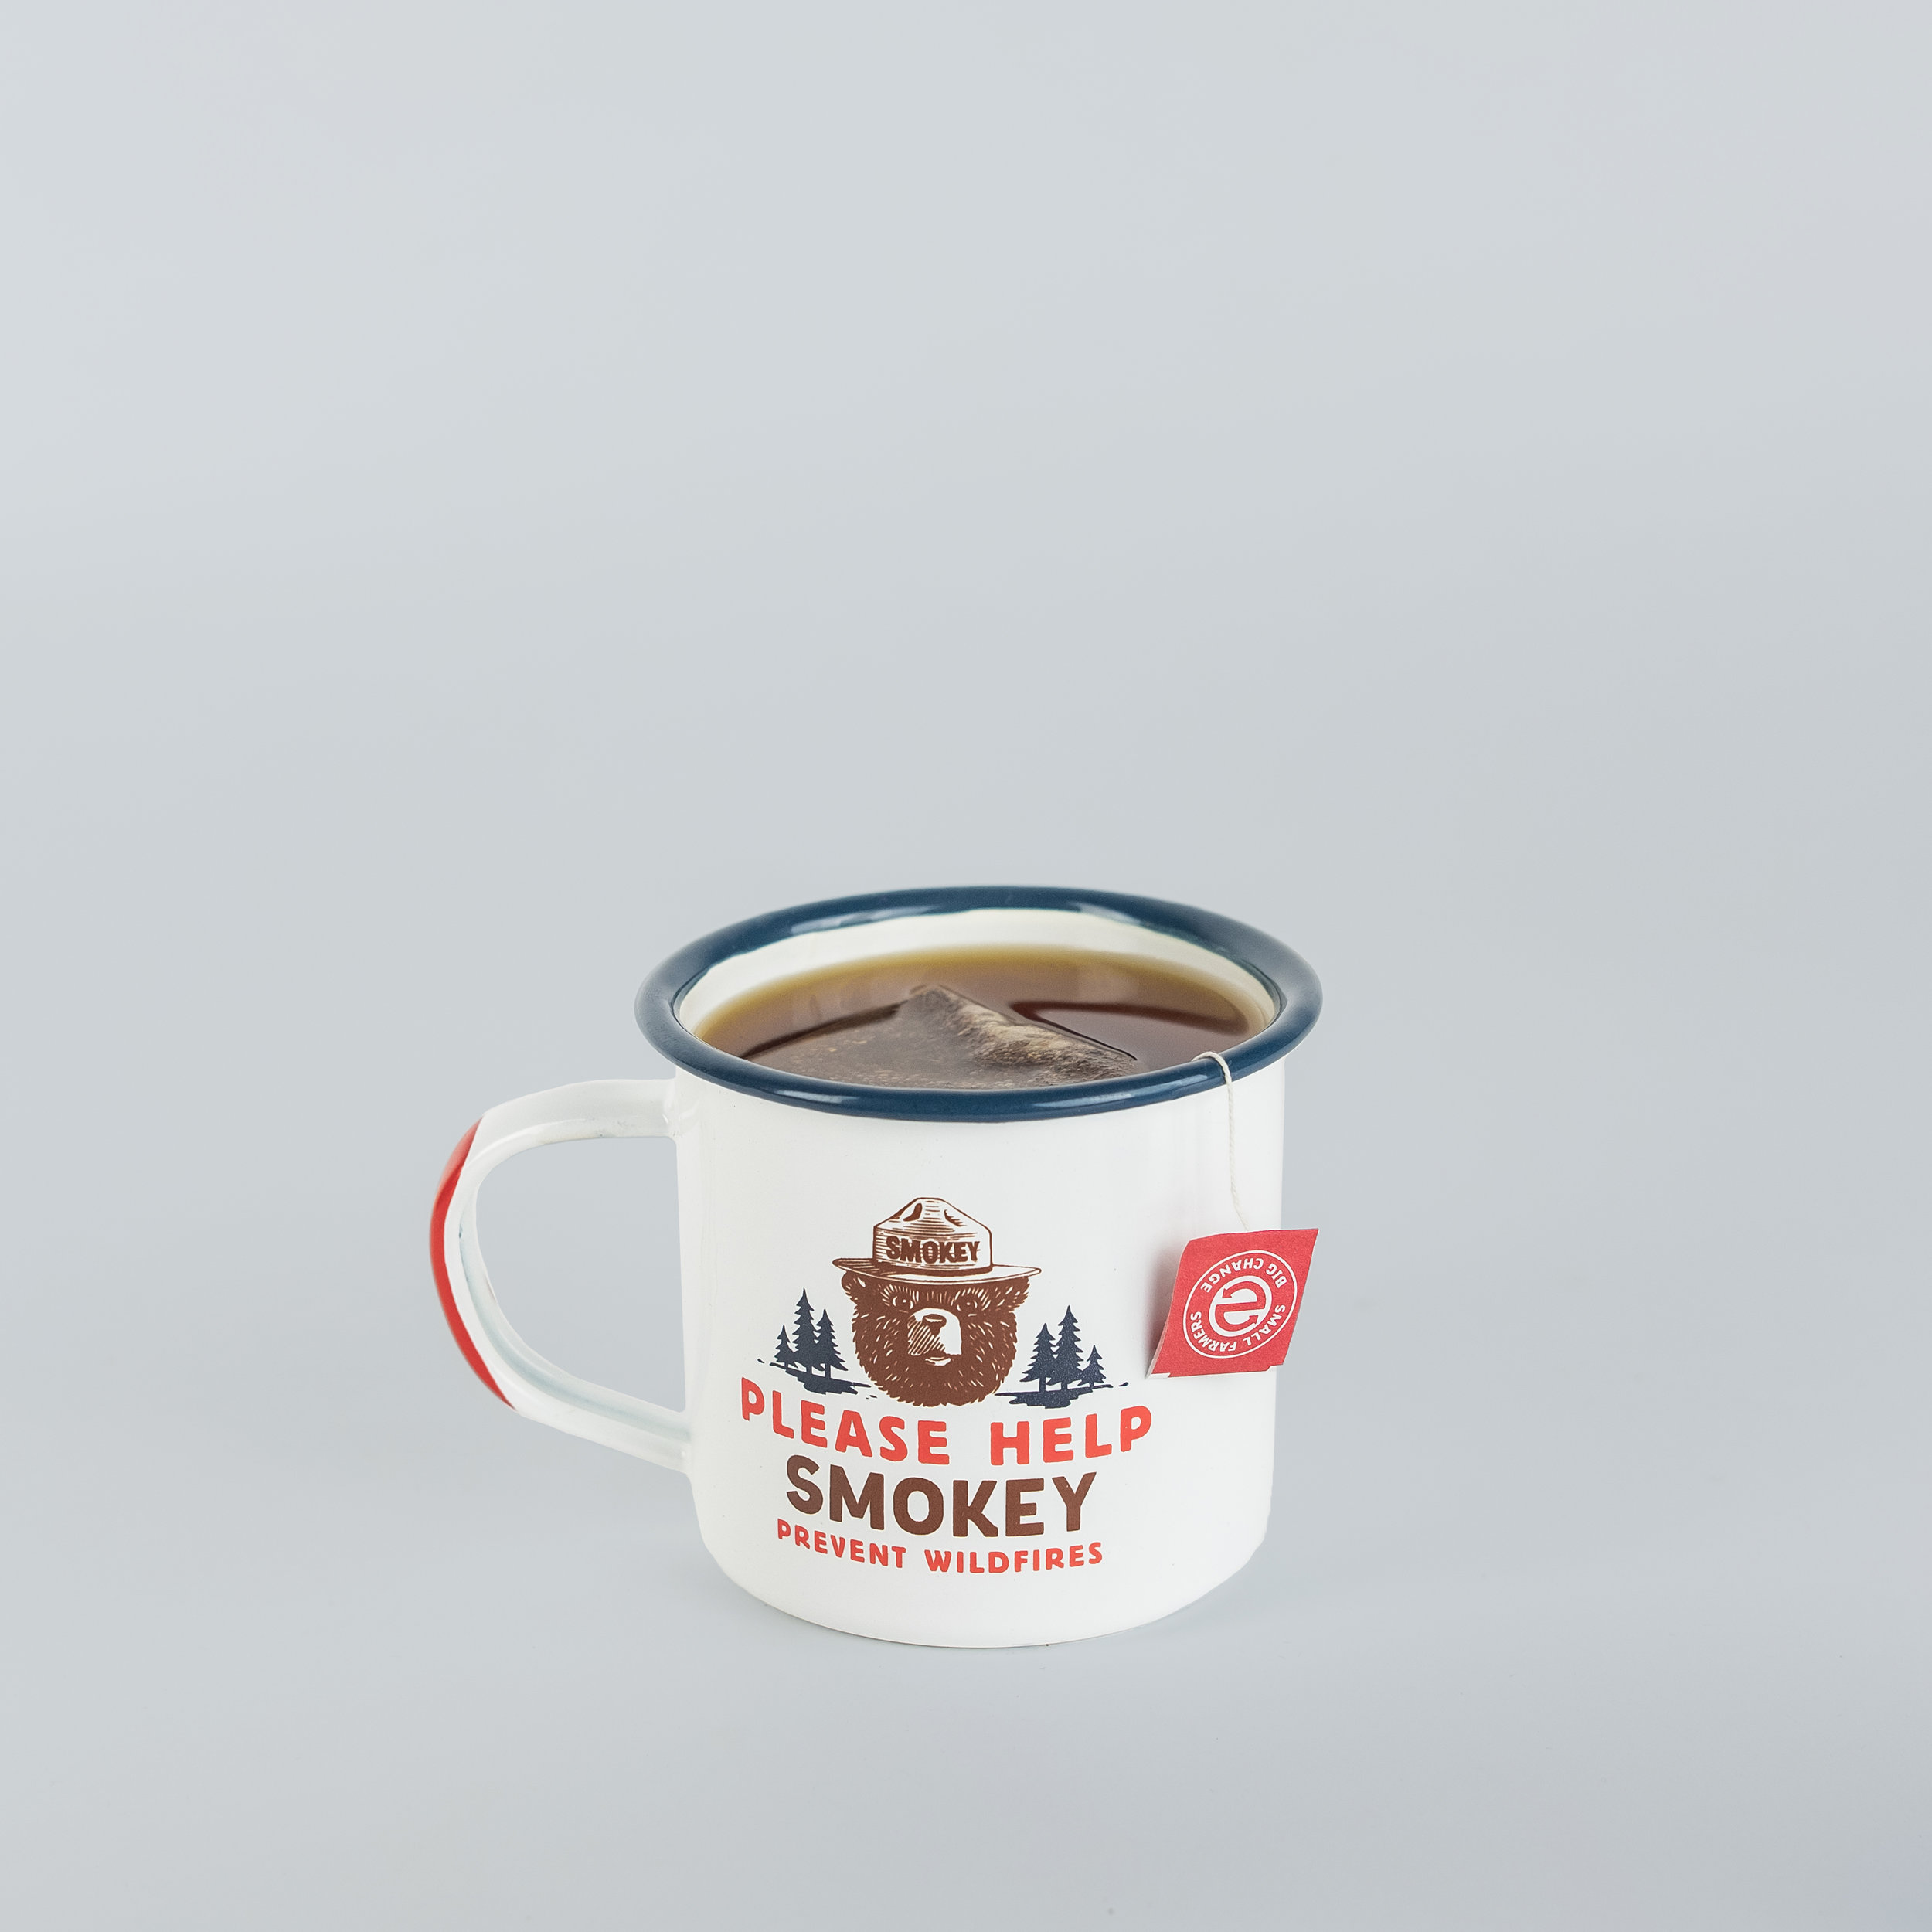 tea-smokey-mug.jpg